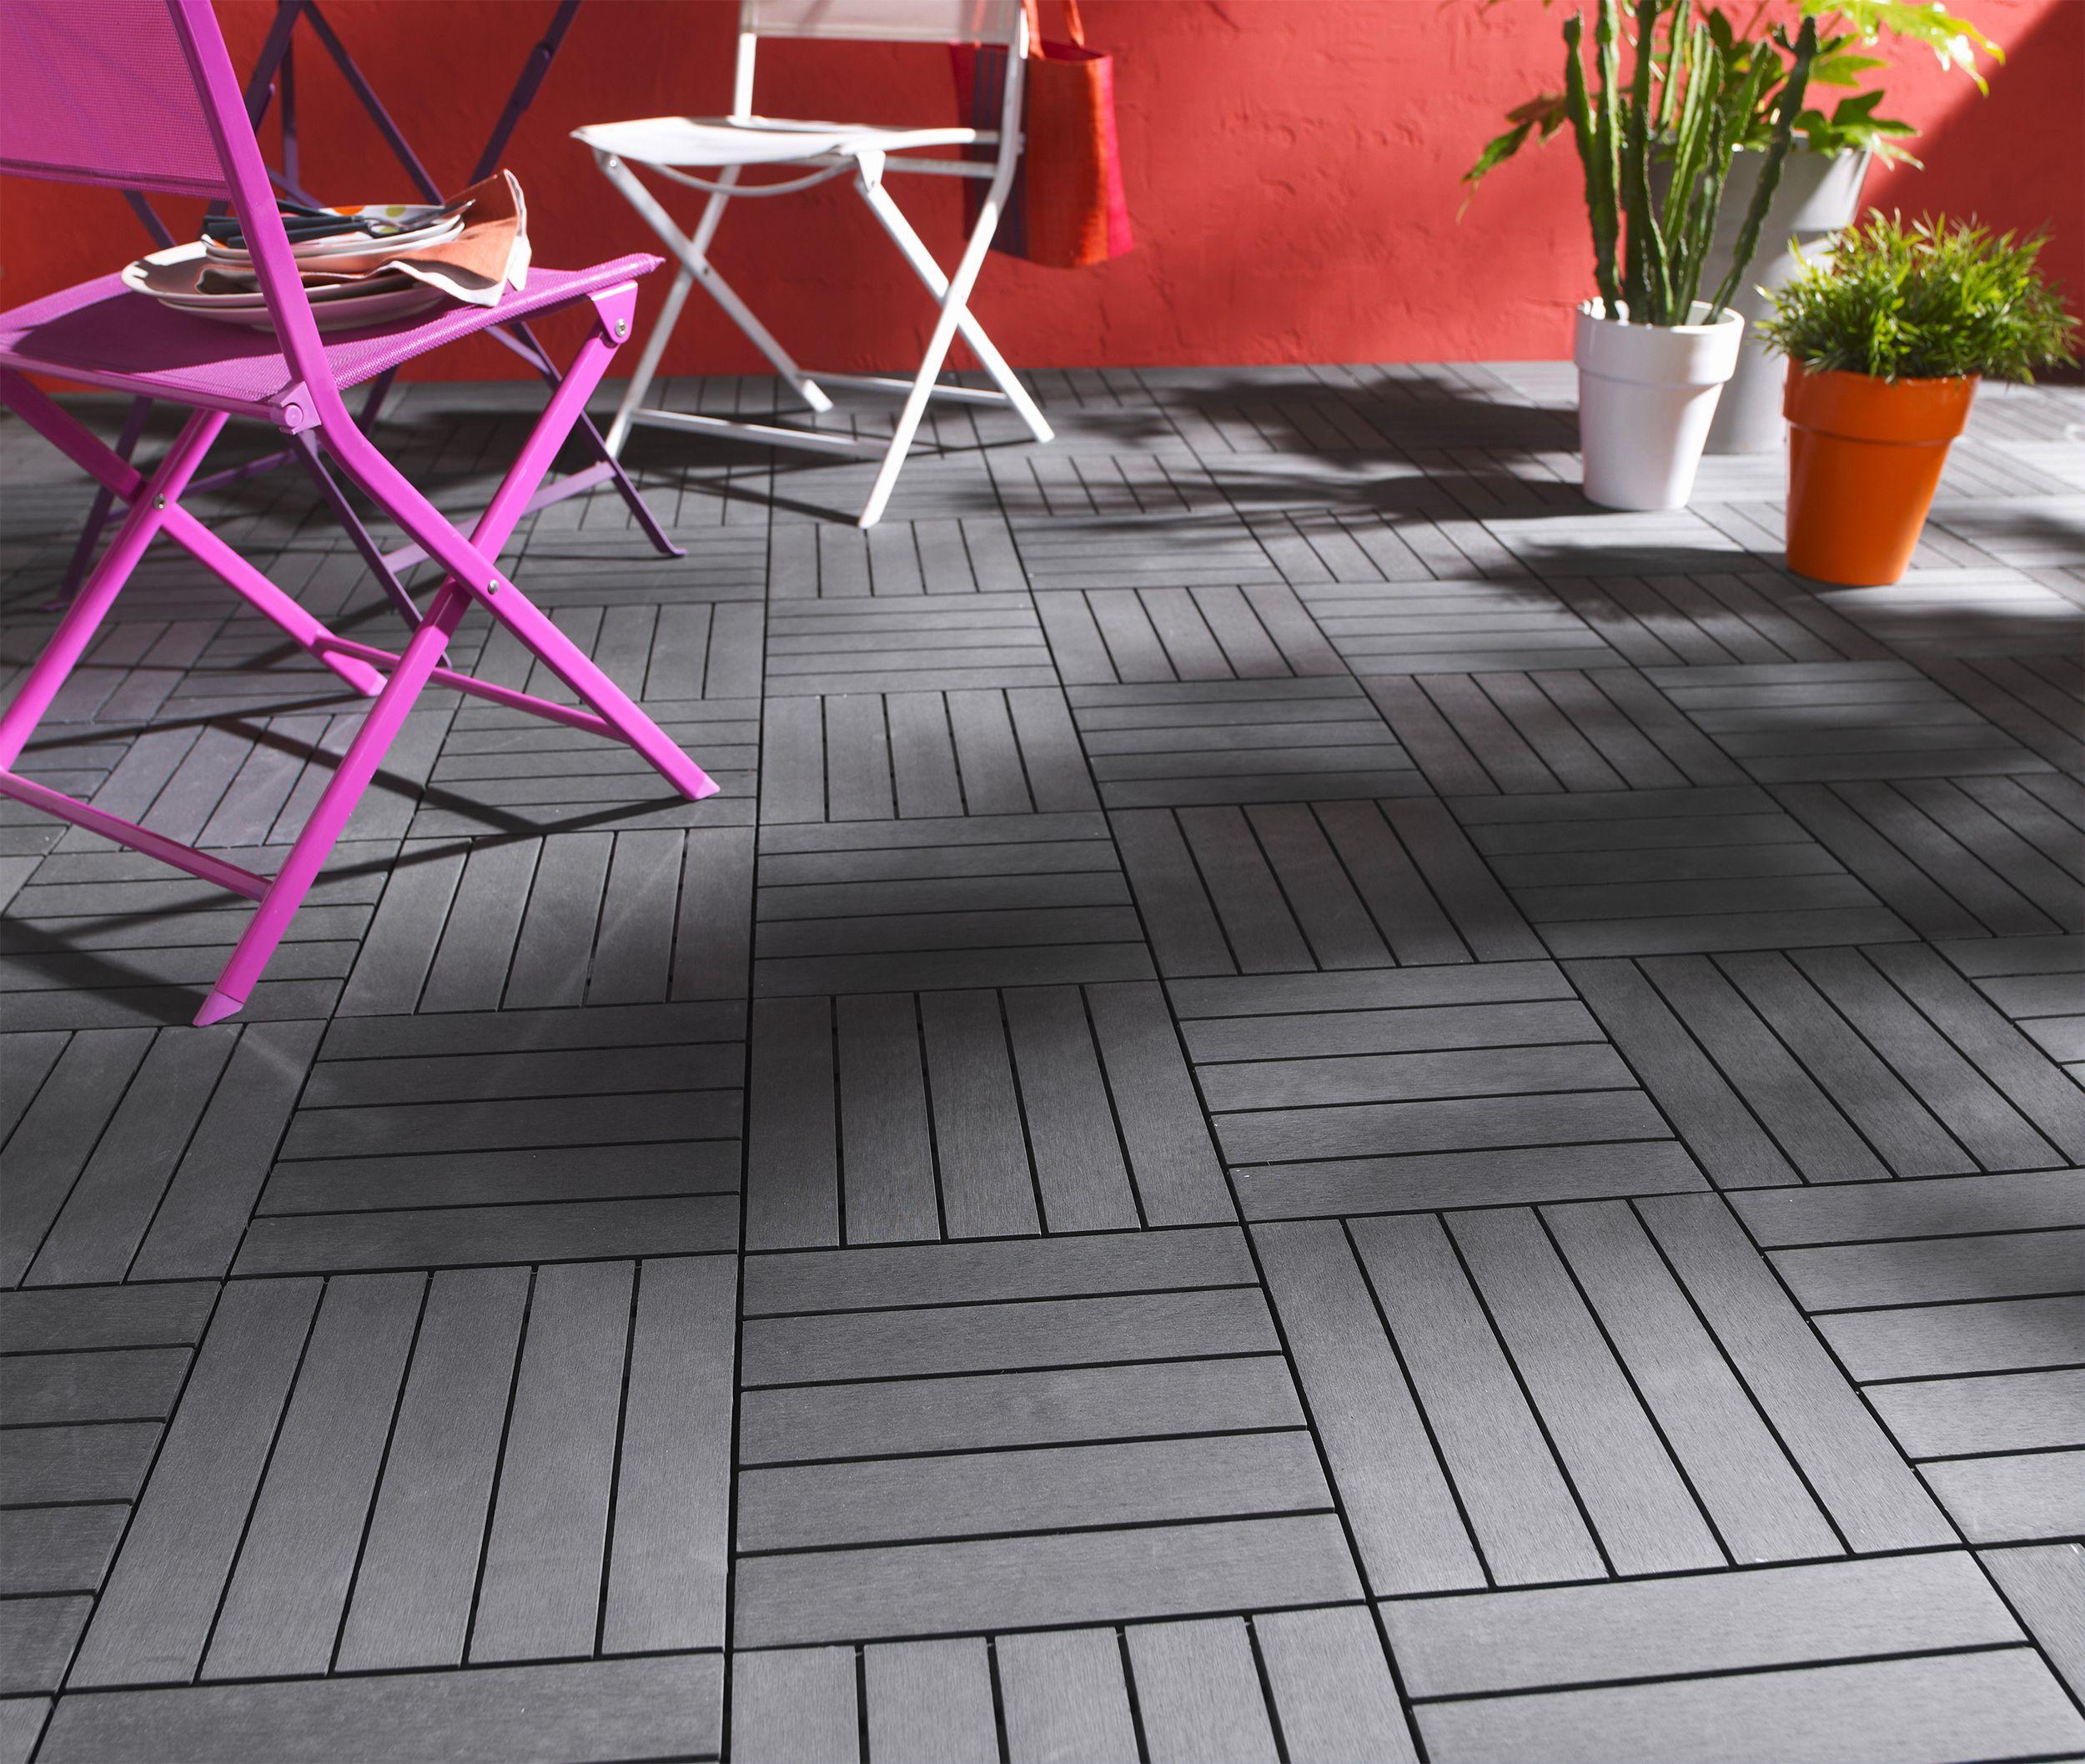 Dalle Composite Renforcee Anthracite Blooma 50 X 50 Cm Terrasse Bois Decoration De Terrasse Exterieure Terrasse Faite Maison